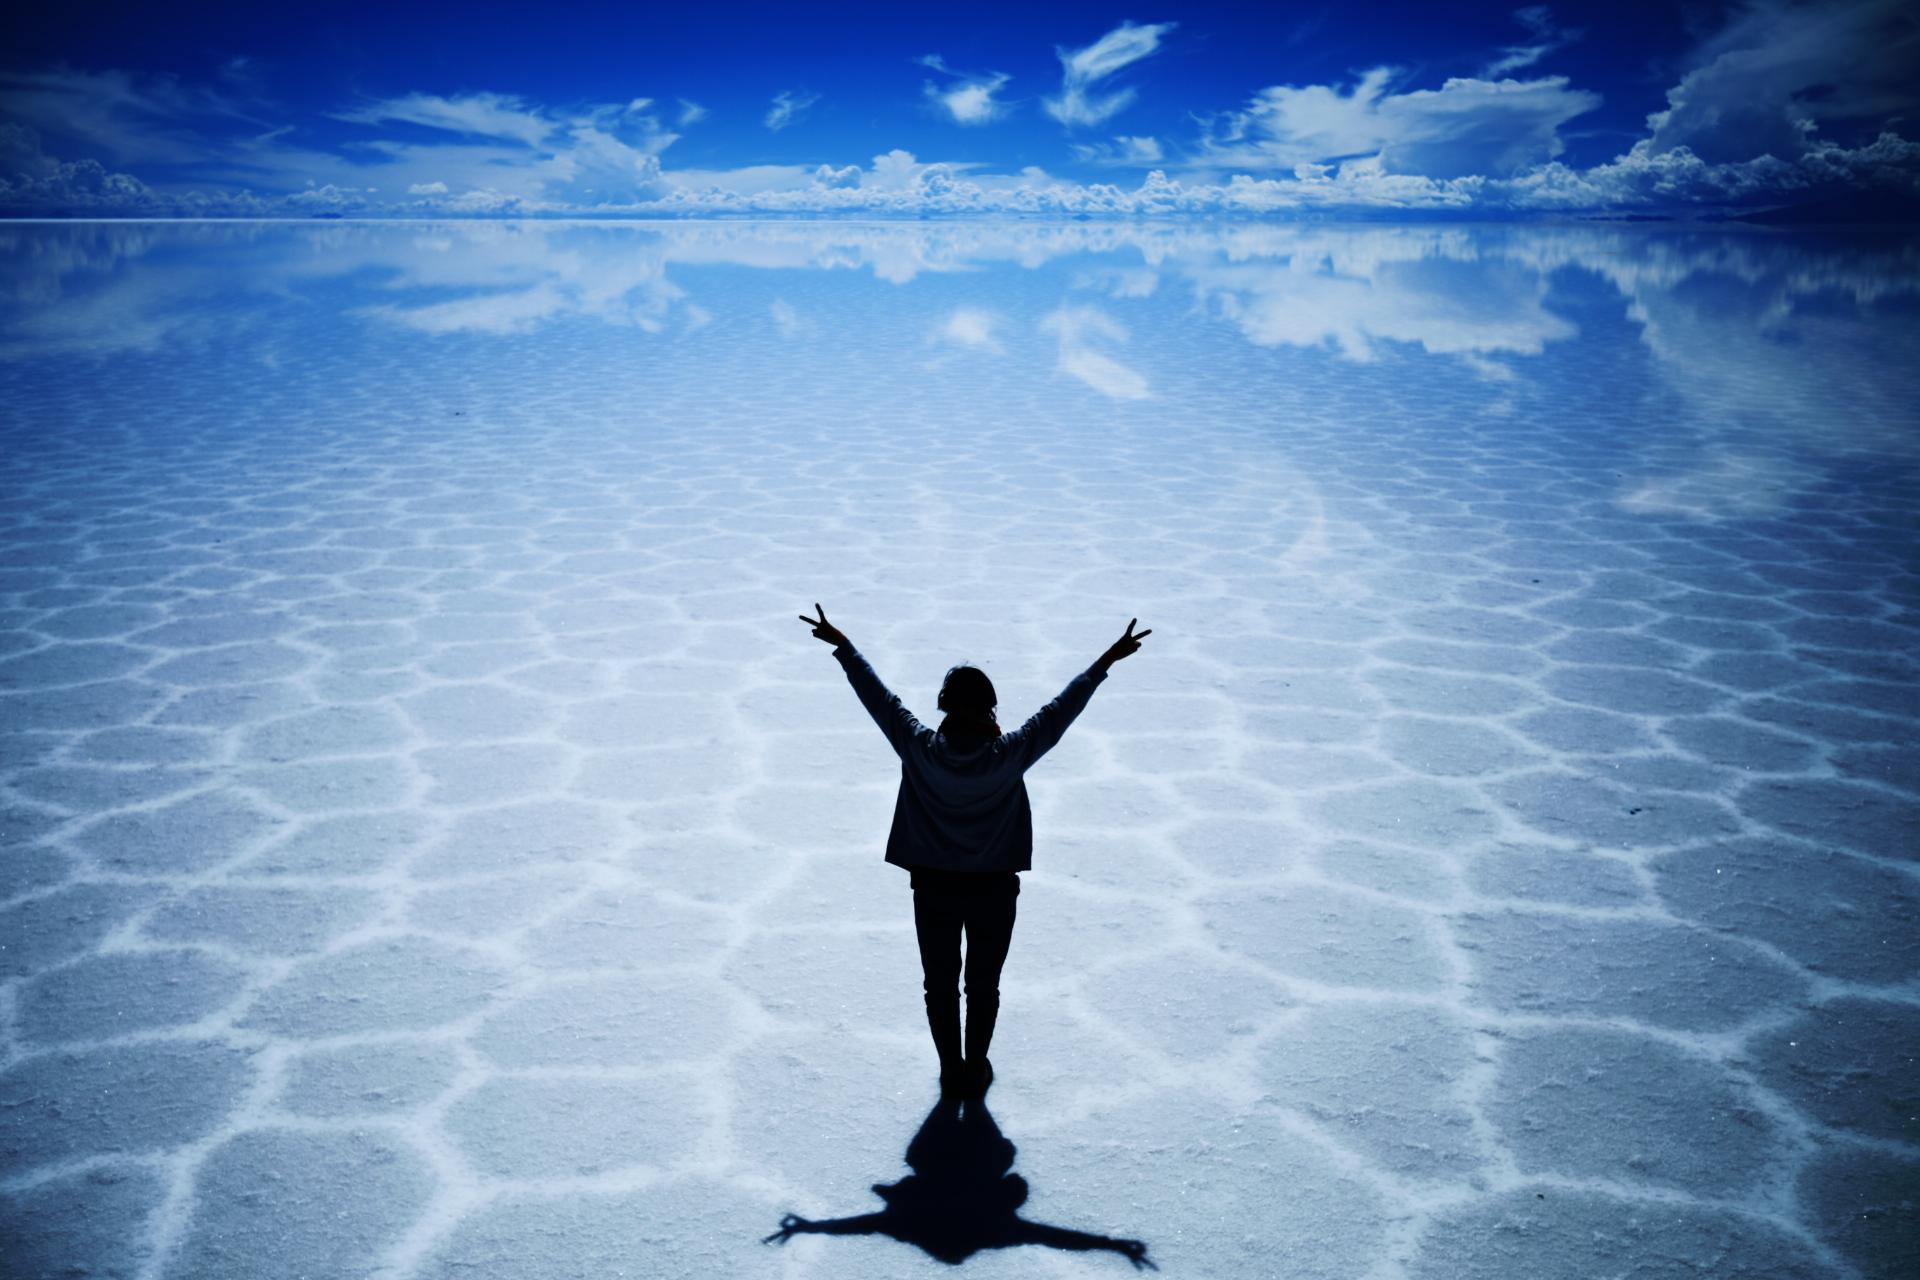 ウユニ塩湖遺跡に人影の壁紙